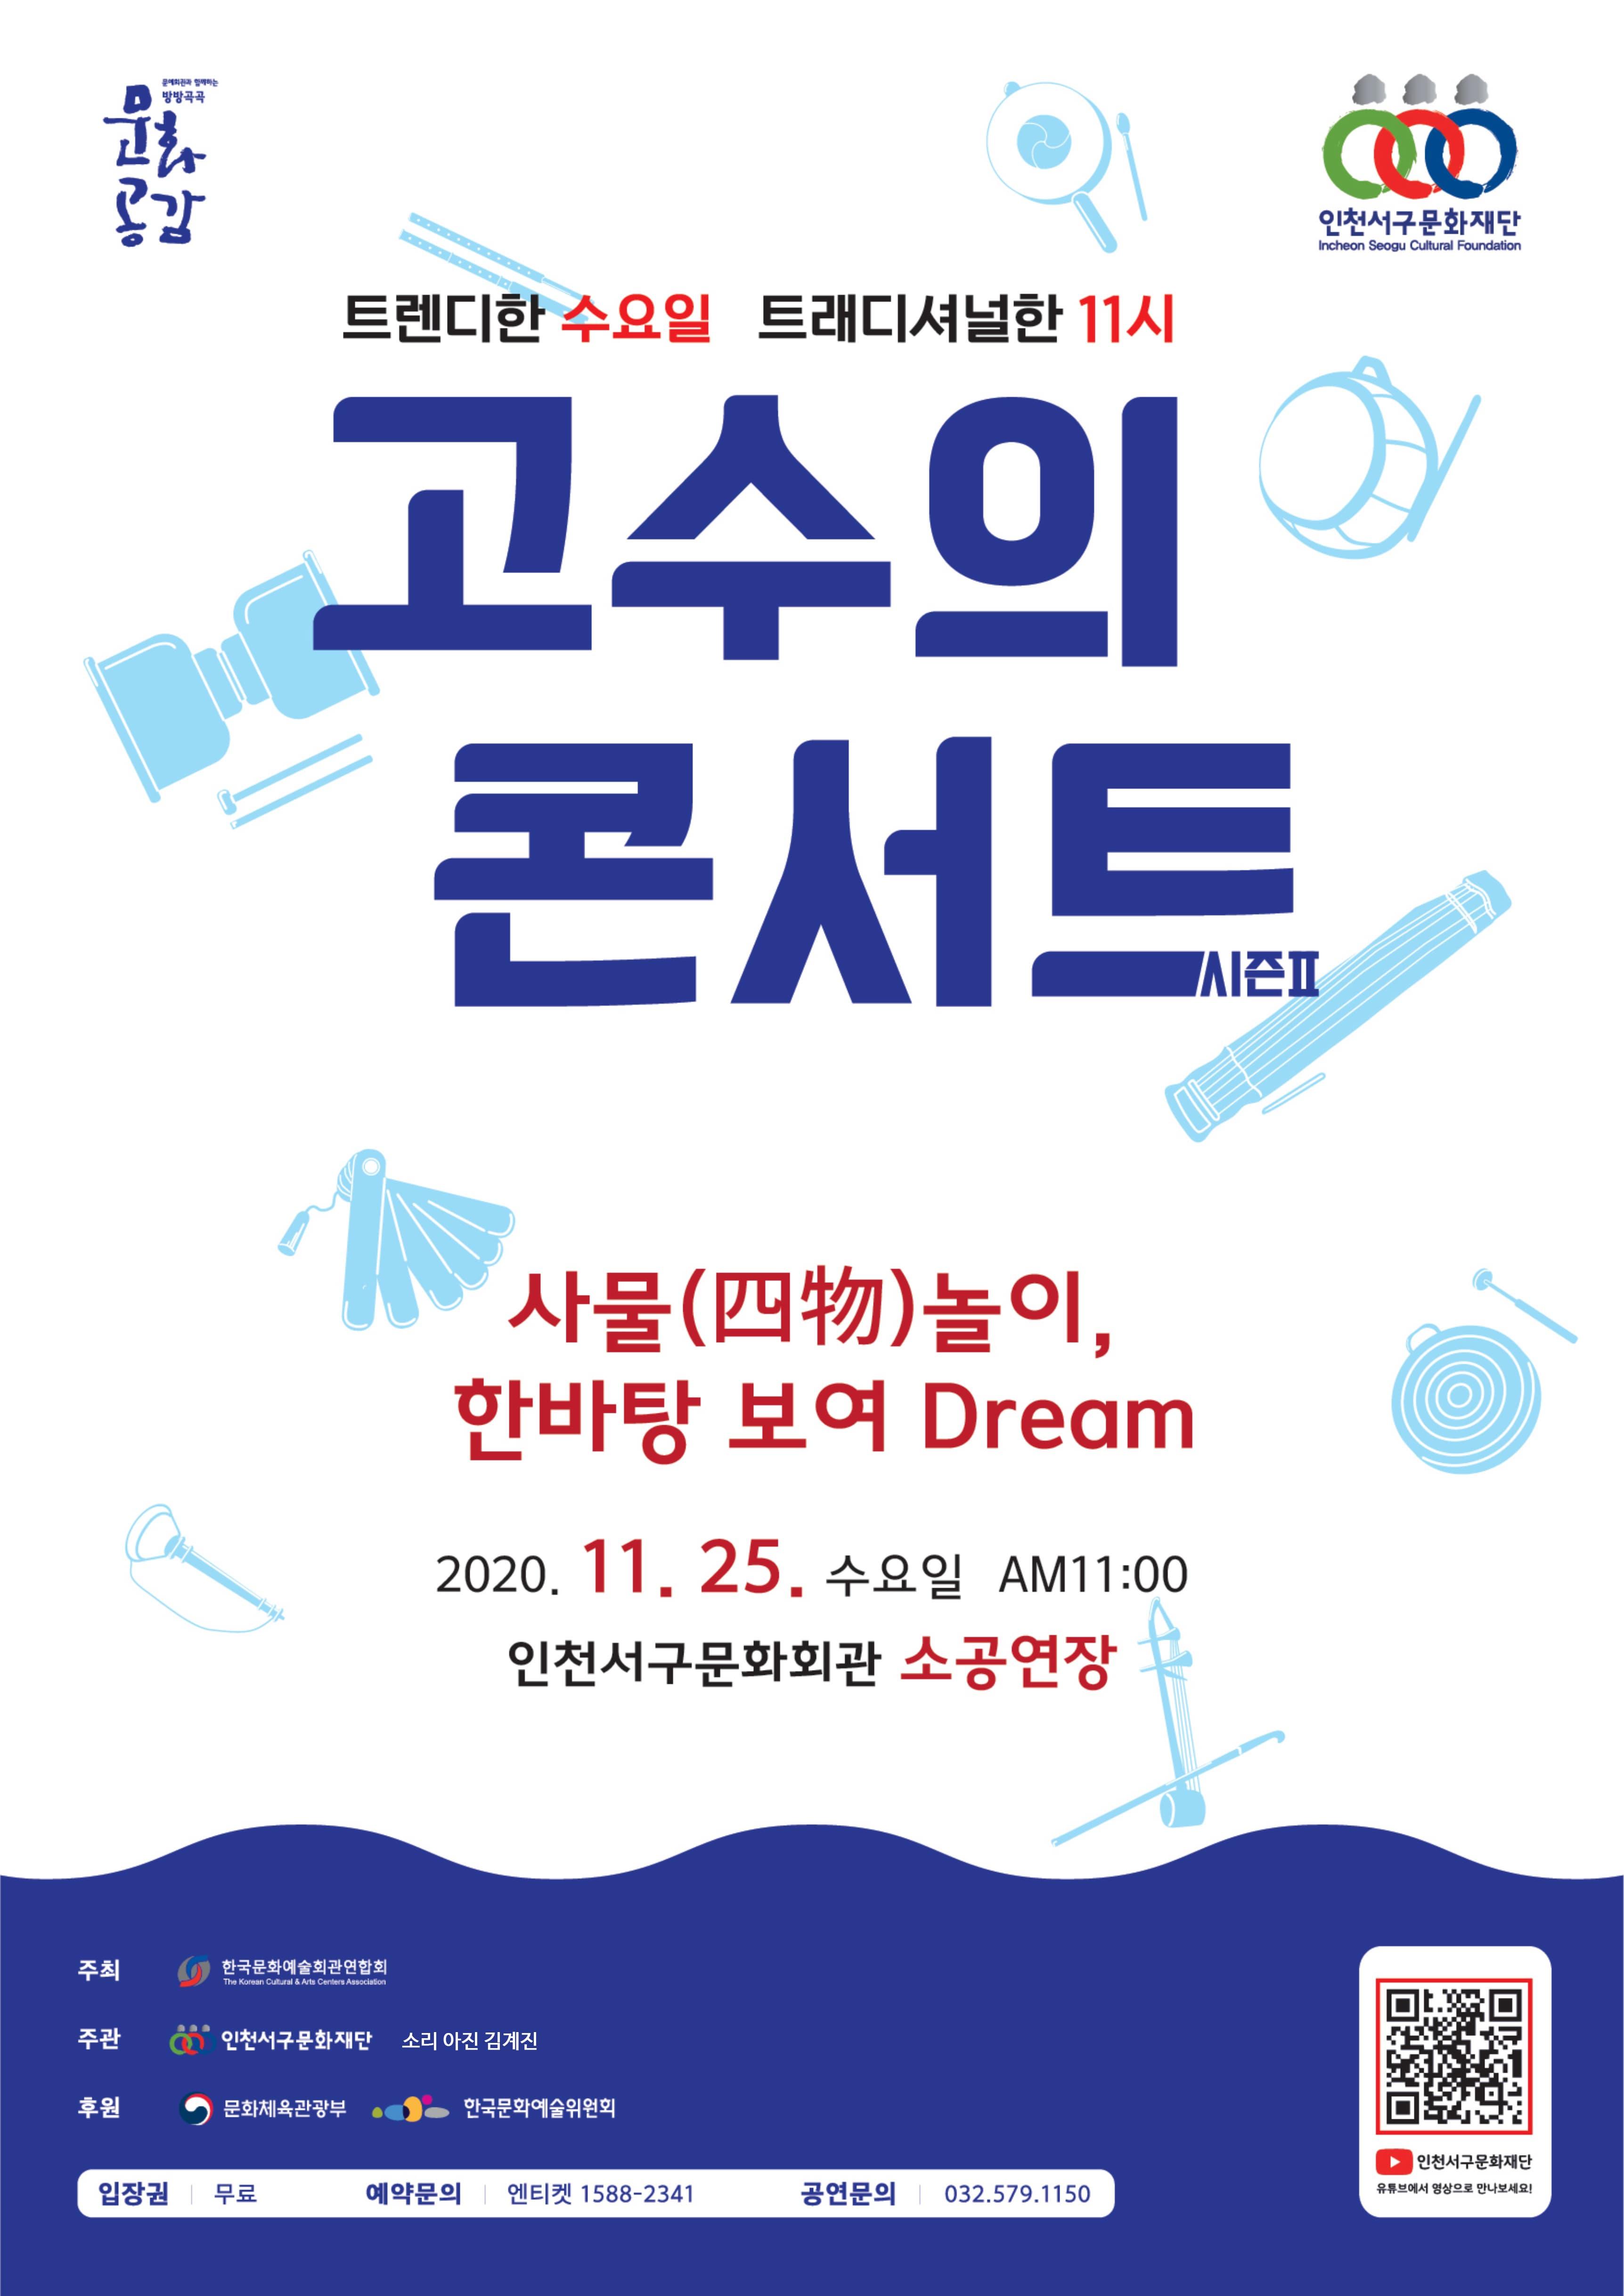 고수의콘서트 레퍼토리ll [5회차-사물(四物)놀이, 한바탕 보여 Dream]